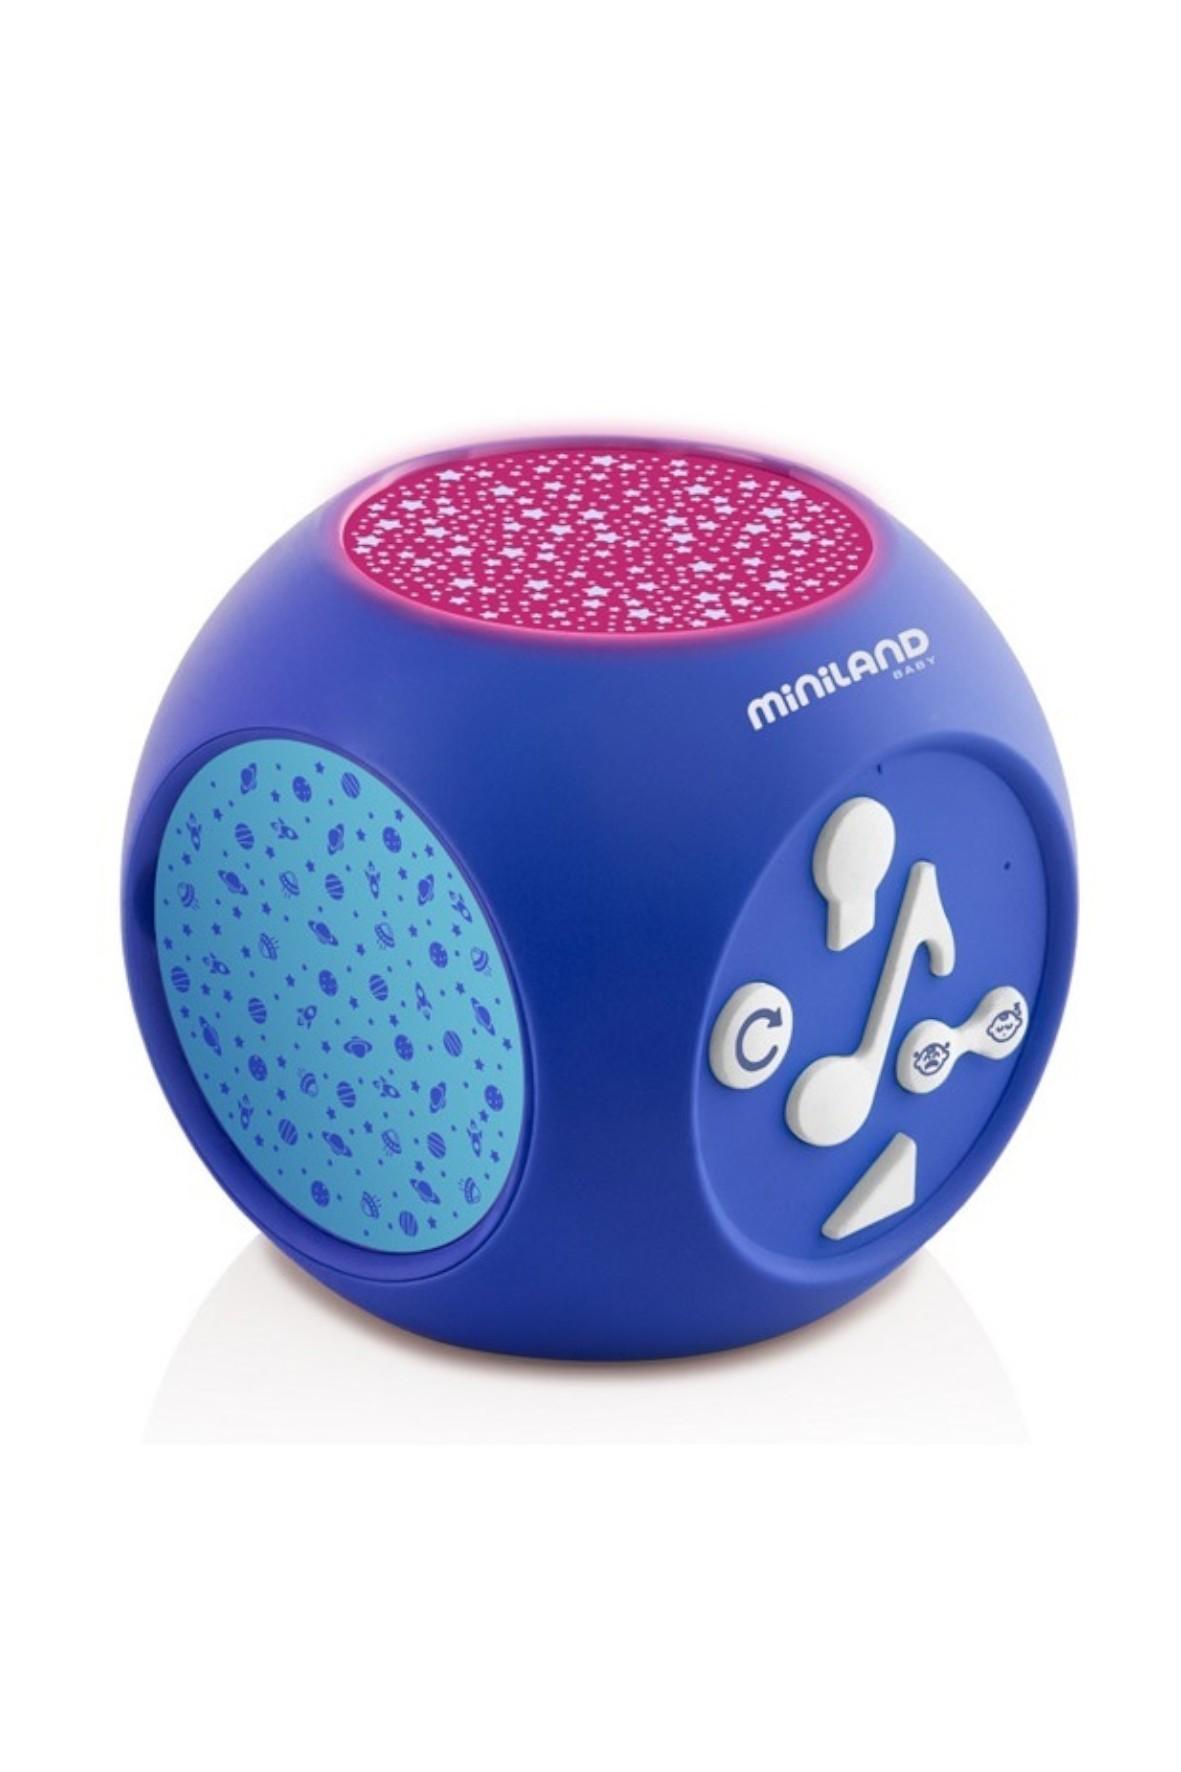 Pozytywka/Projektor muzyczny z sensorem dźwięku Dreamcube